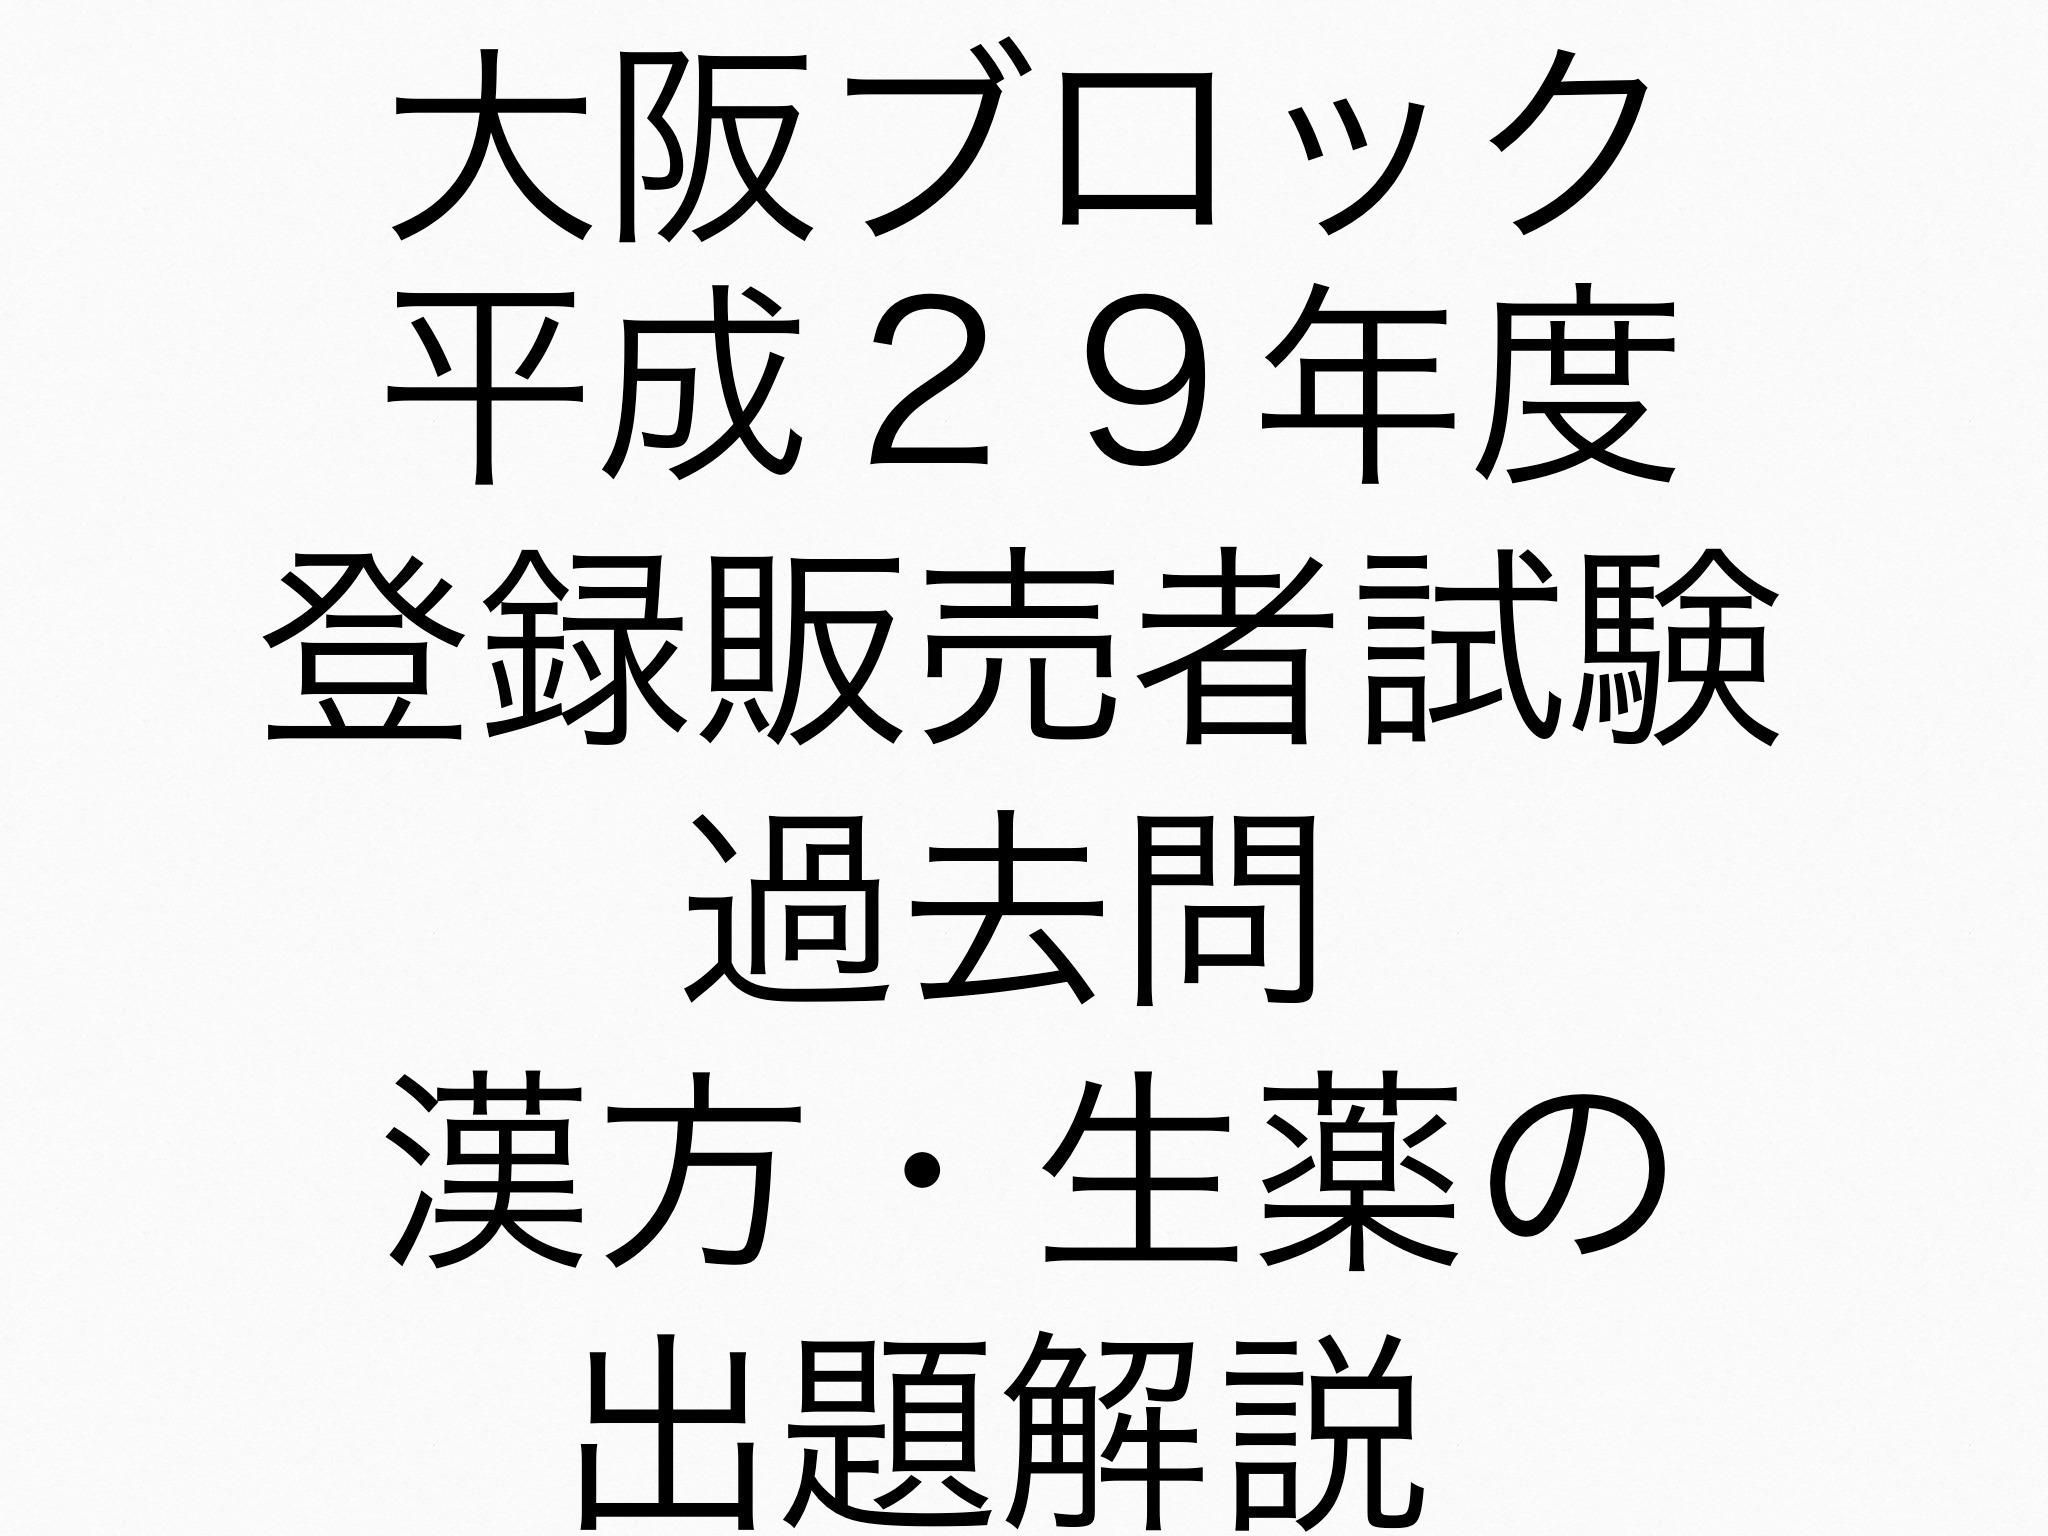 大阪H29)登録販売者試験過去問 漢方・生薬の問題解説/出題傾向